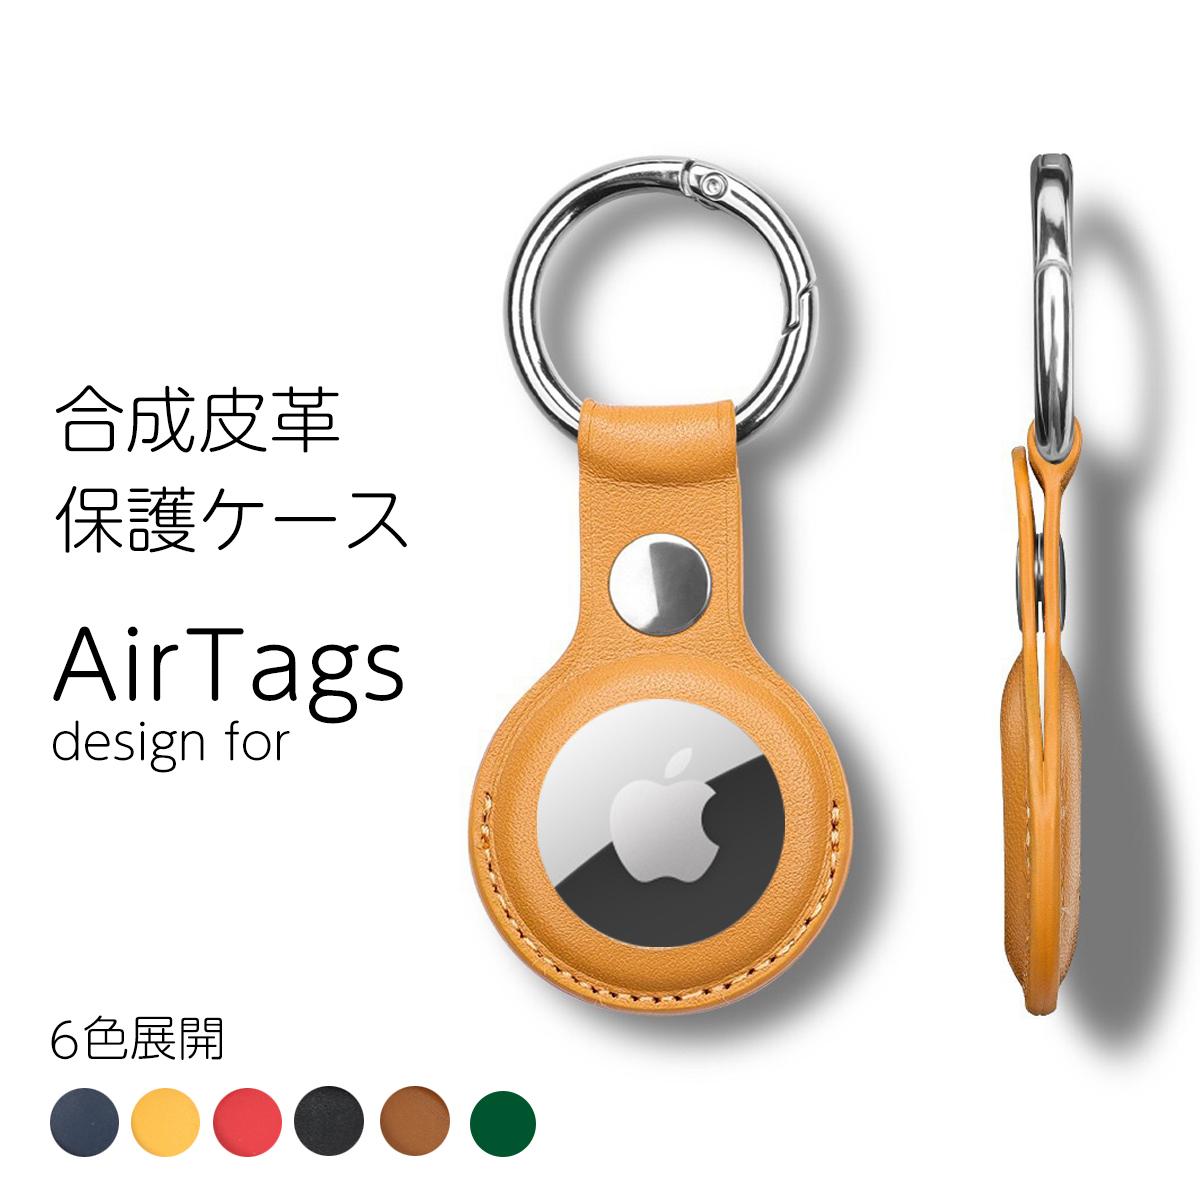 即納 改良版 AirTag 保護ケース 豊富な品 合成皮革 1位獲得 ケース 合皮 Airtags カバー レザー 蔵 エーアタッグ レザーケース